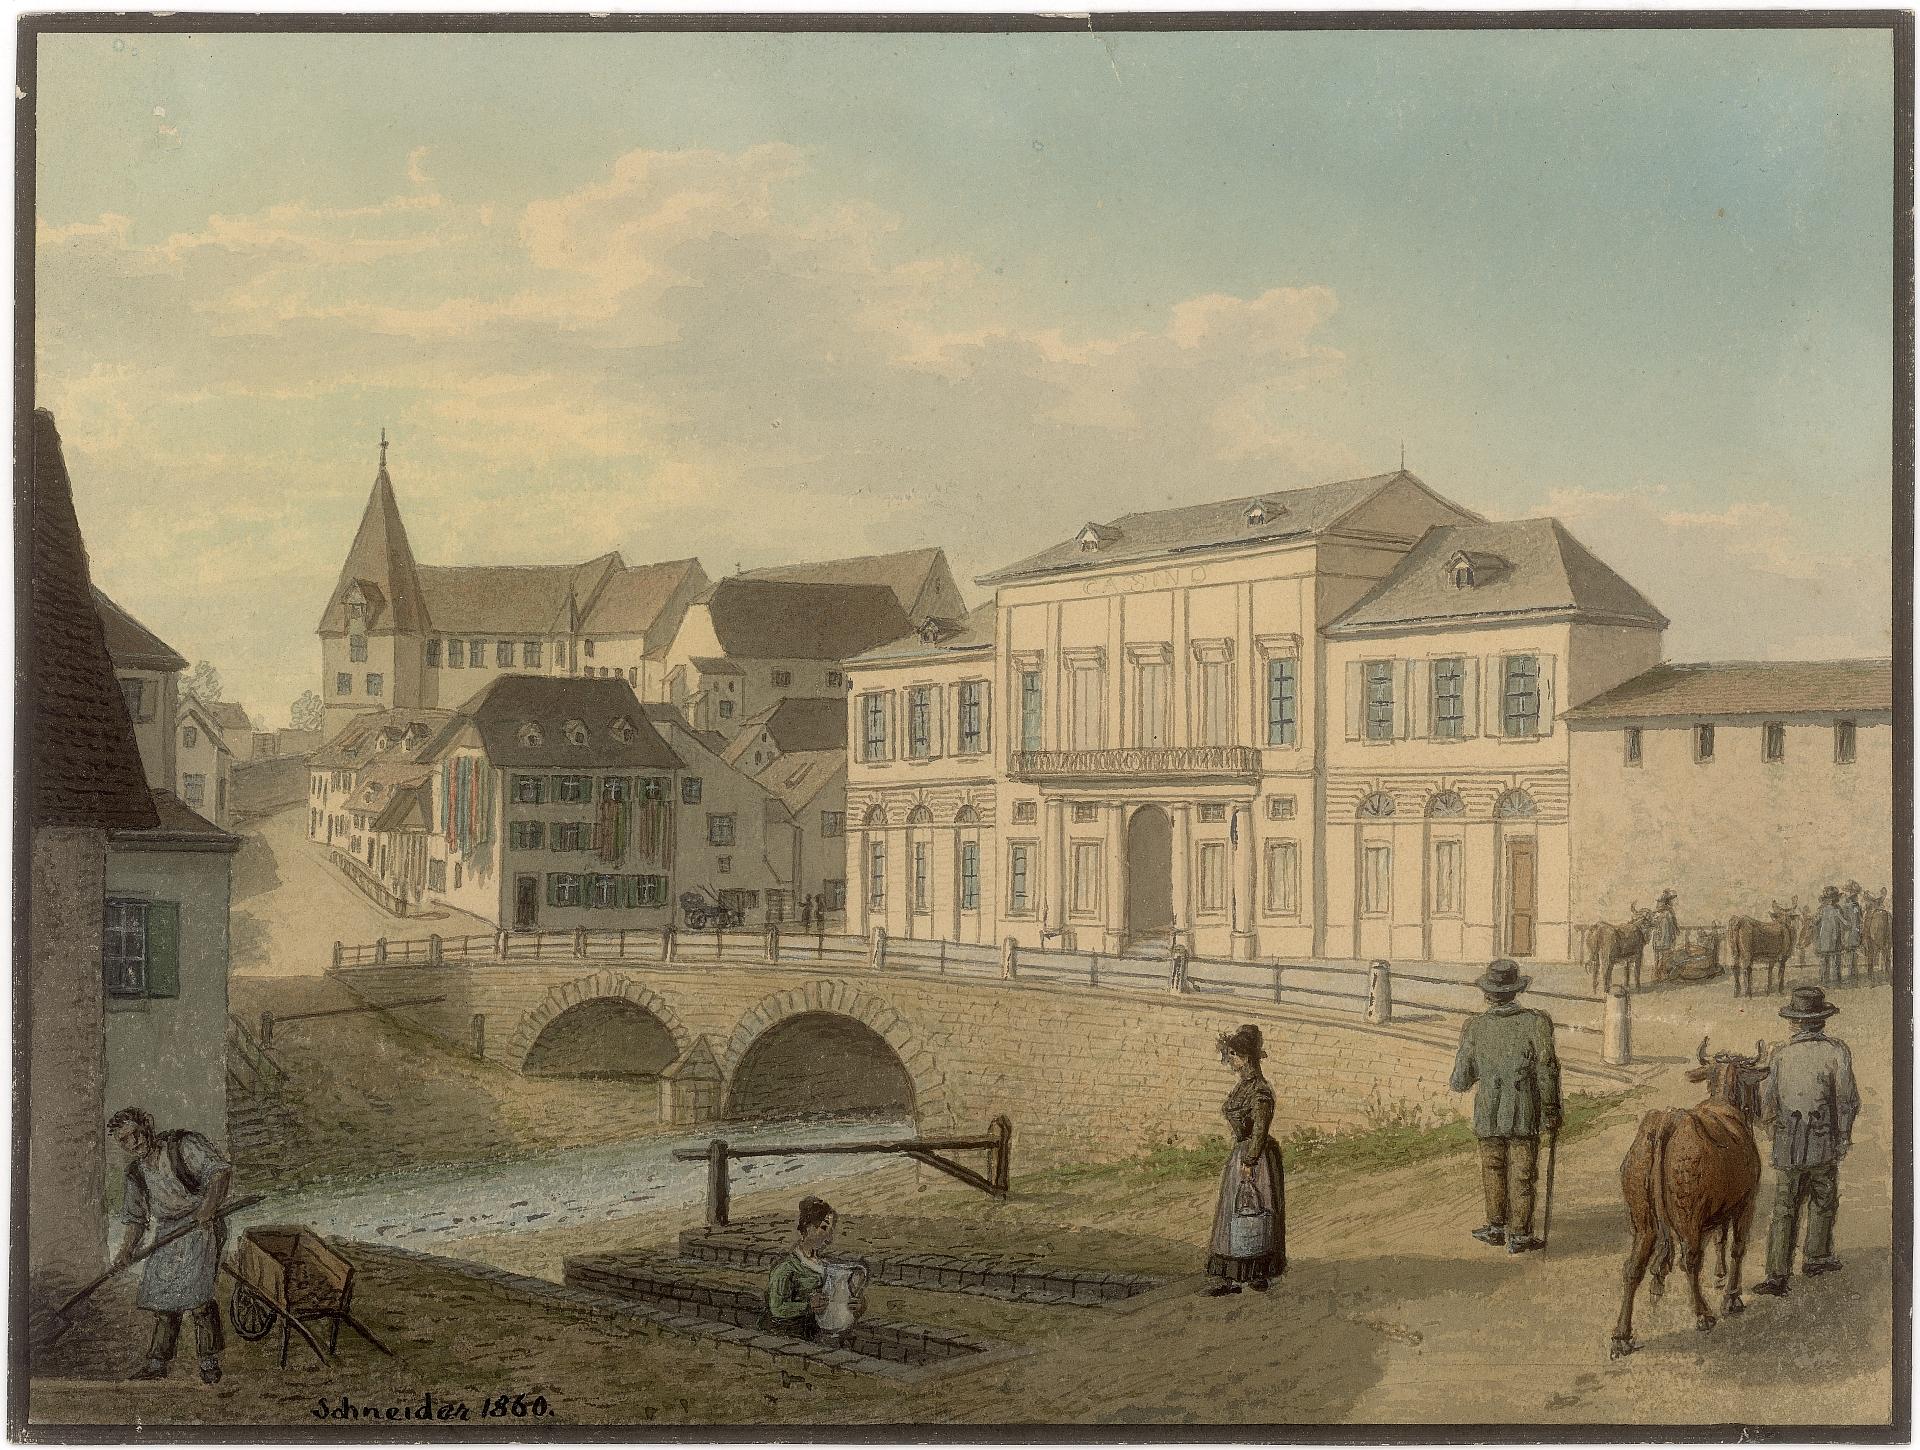 Birsig beim Steinenberg 1860 Schn. 49 aus dem Staatsarchiv Basel-Stadt